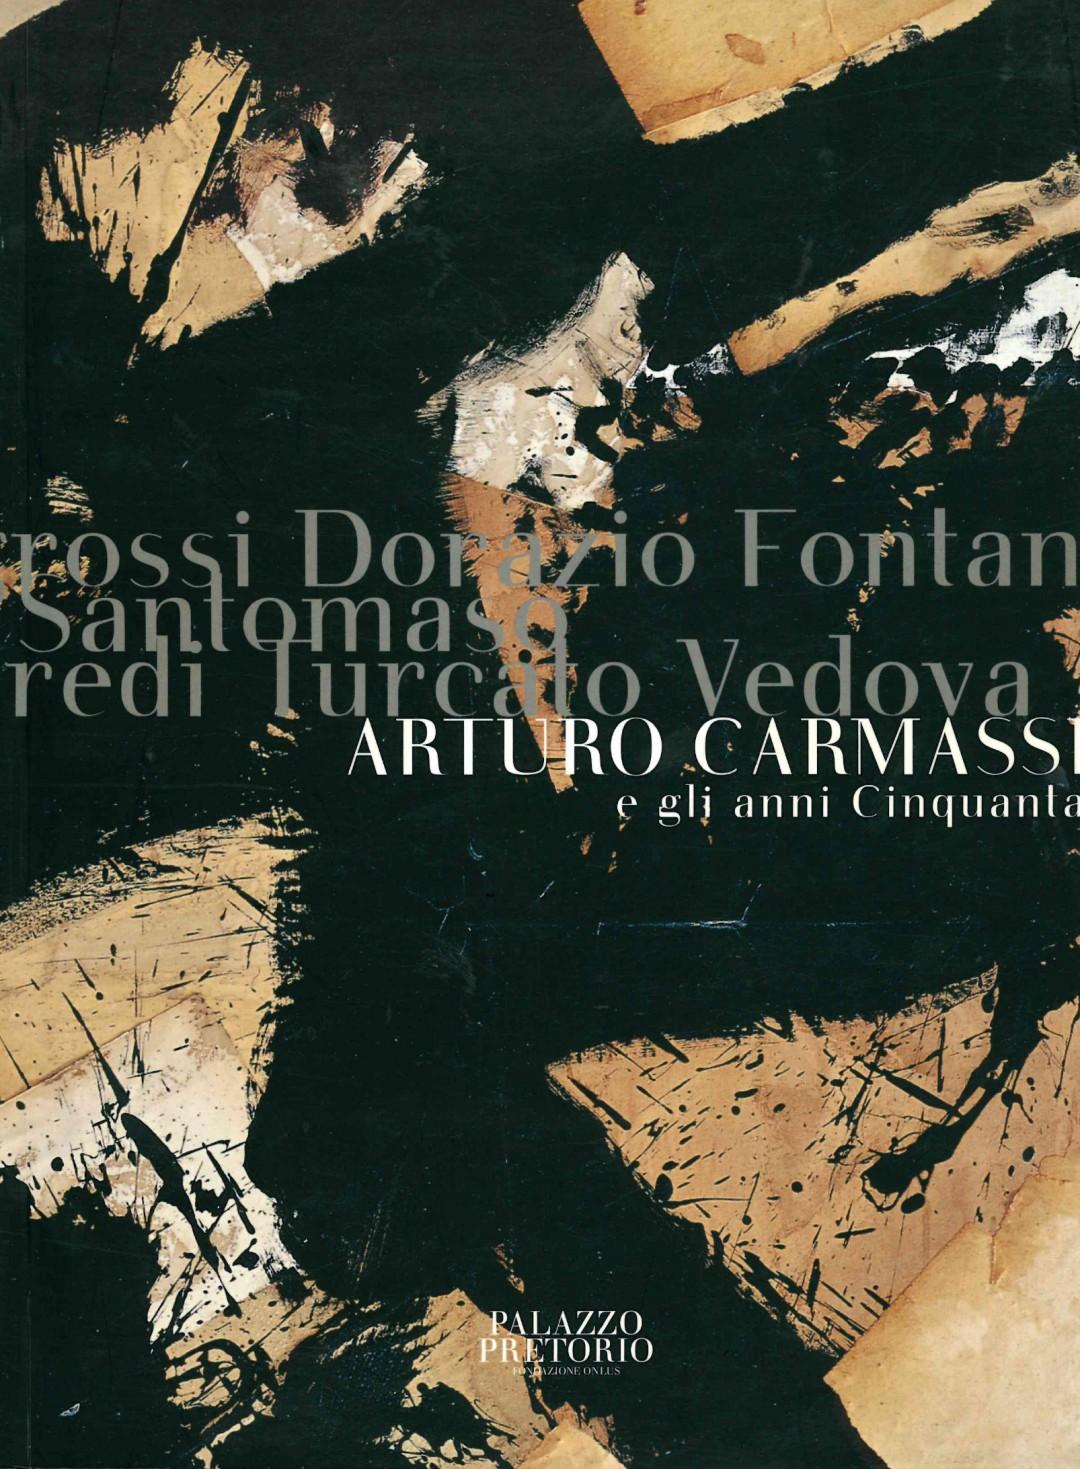 ARTURO CAMASSI e gli anni 50